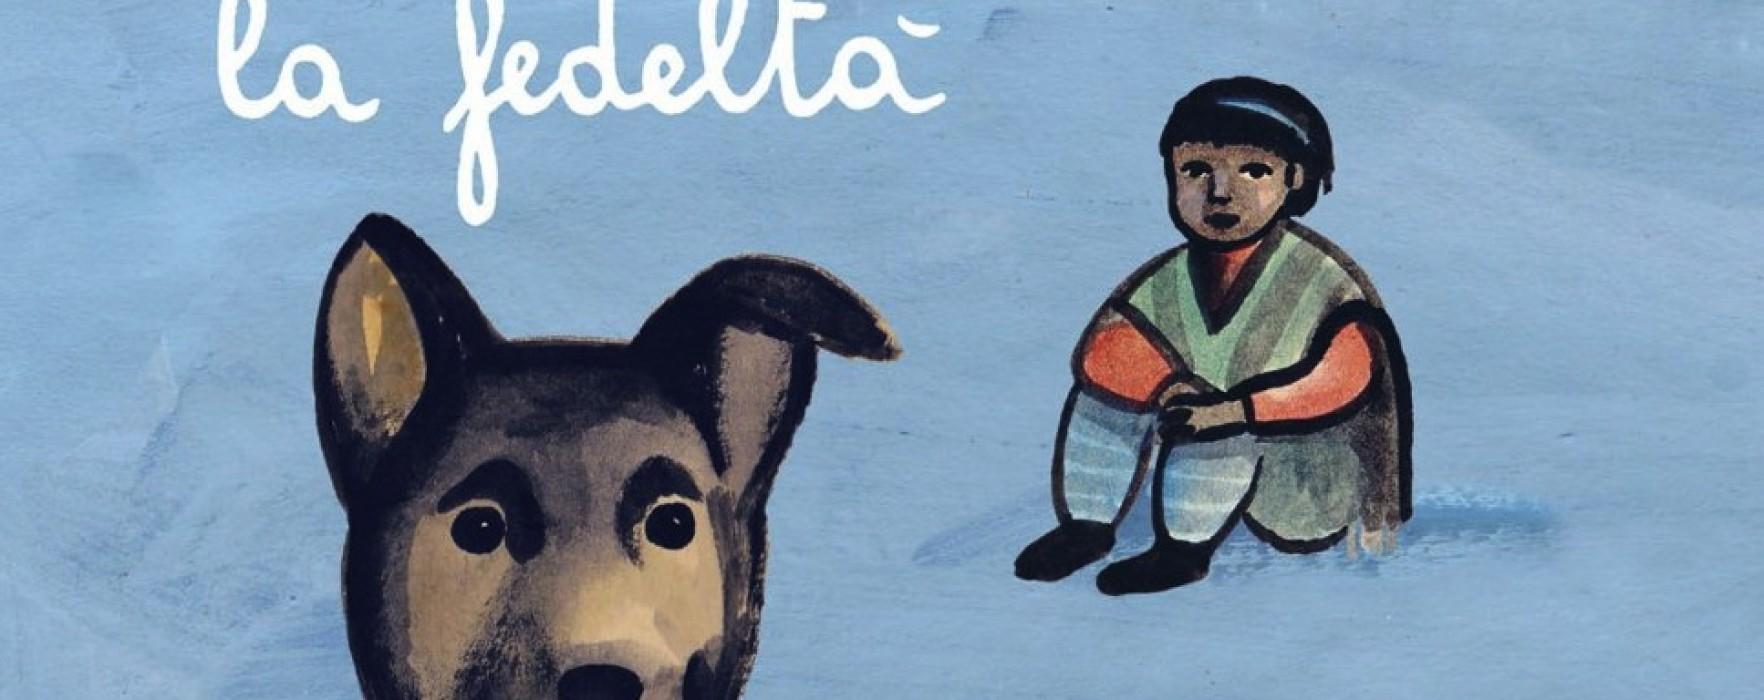 """""""Storia di un cane che insegnò a un bambino la fedeltà"""" di Luis Sepúlveda"""